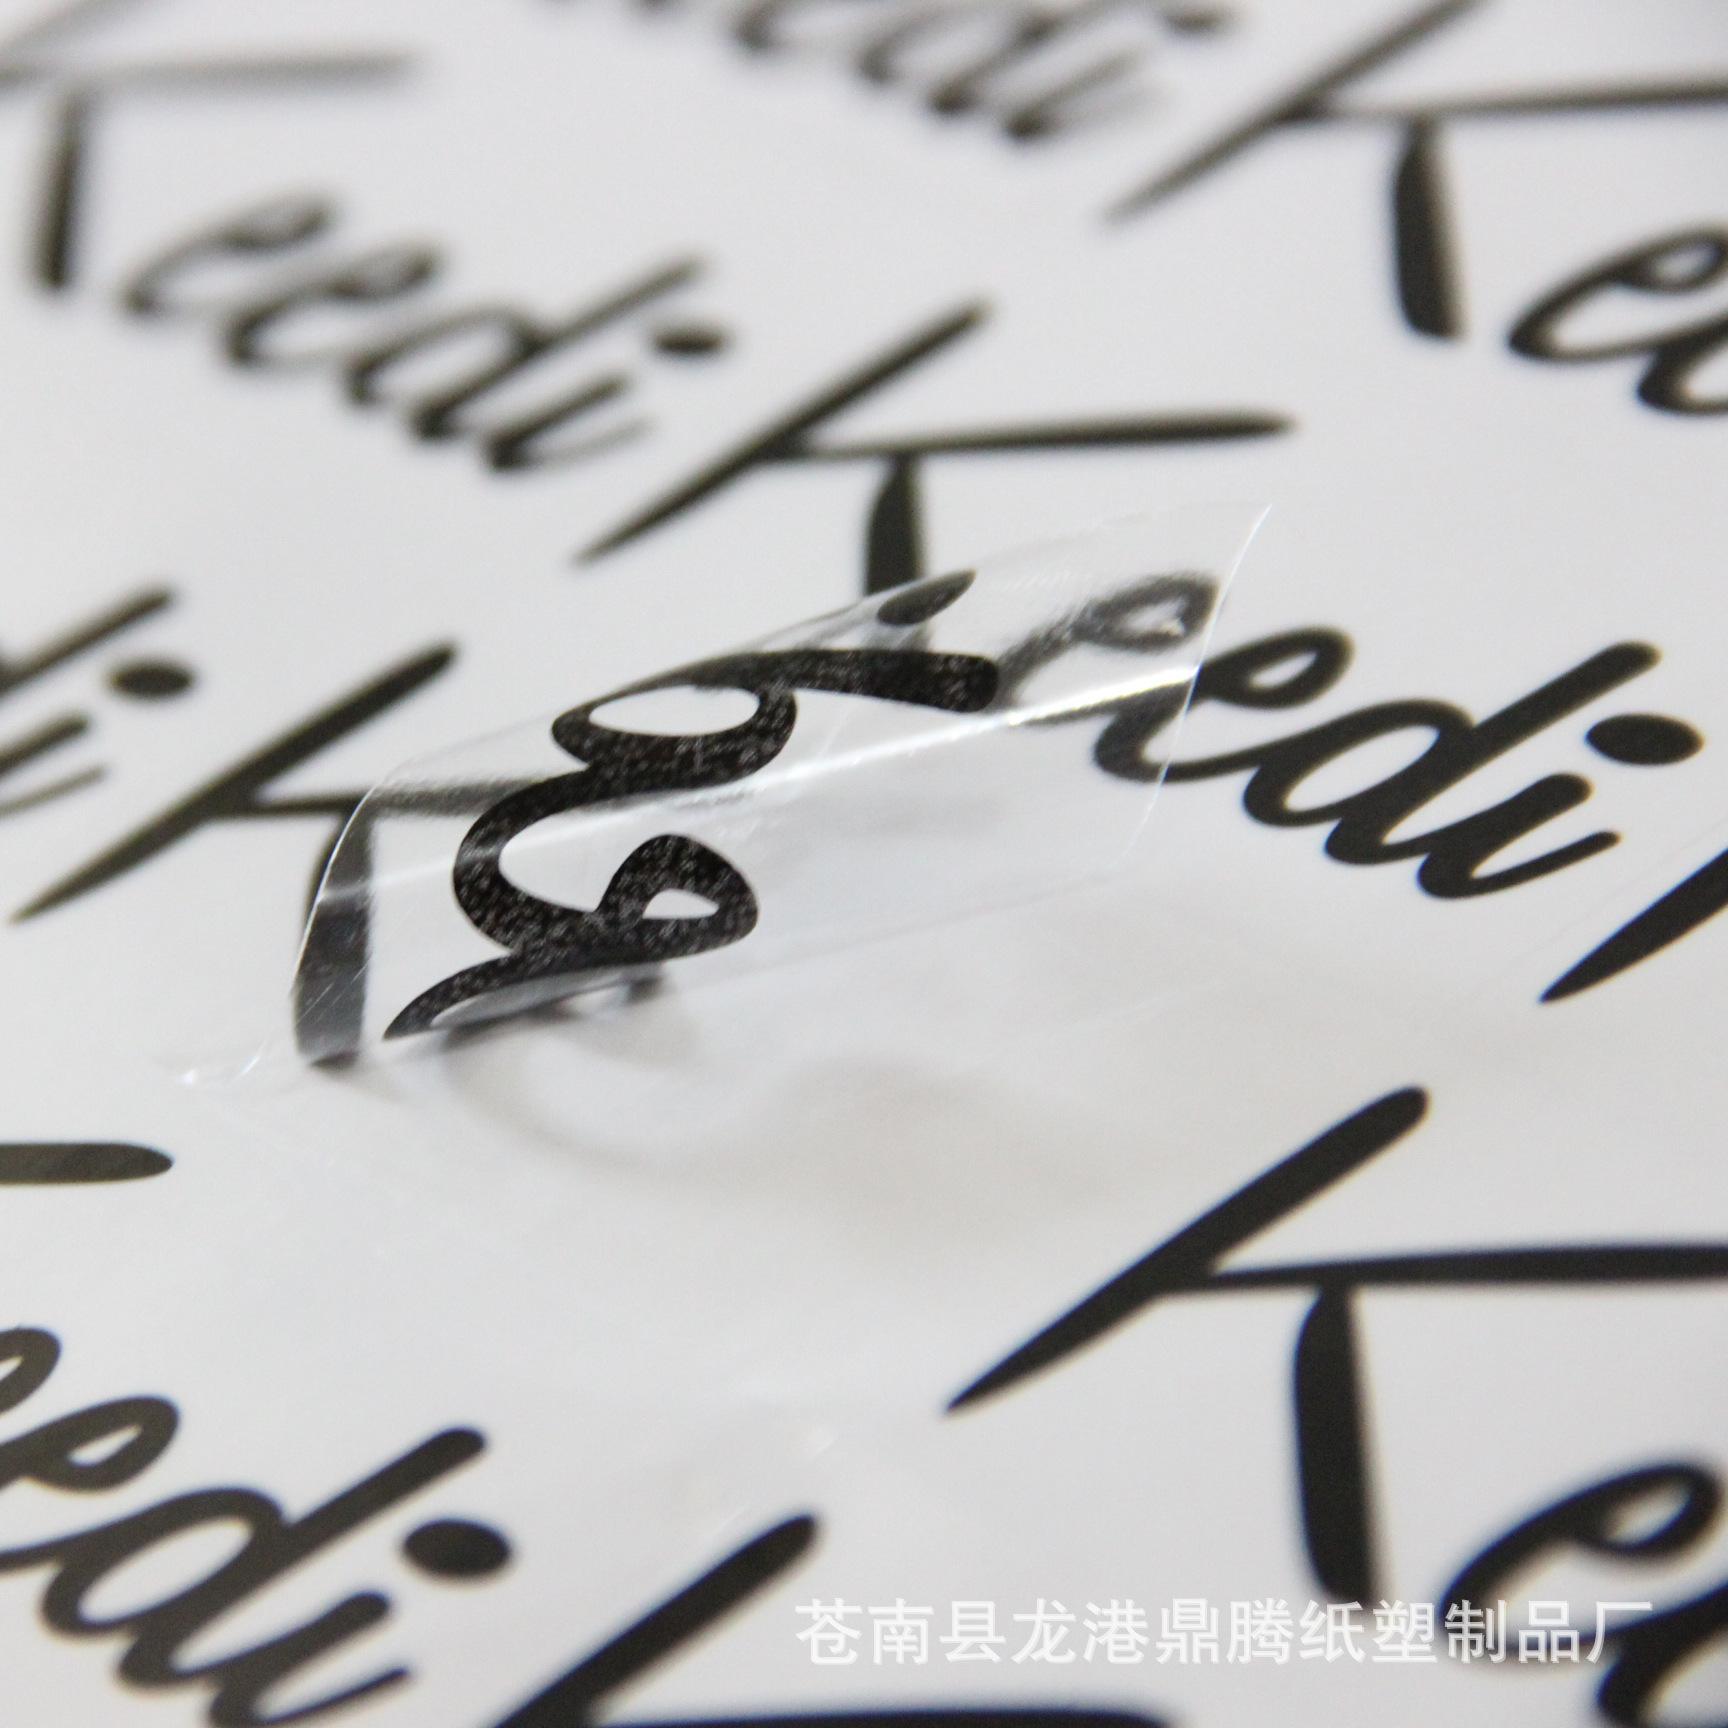 印刷logo贴纸PVC透明不干胶拉丝银彩色铜版纸标签牛皮纸静电膜贴